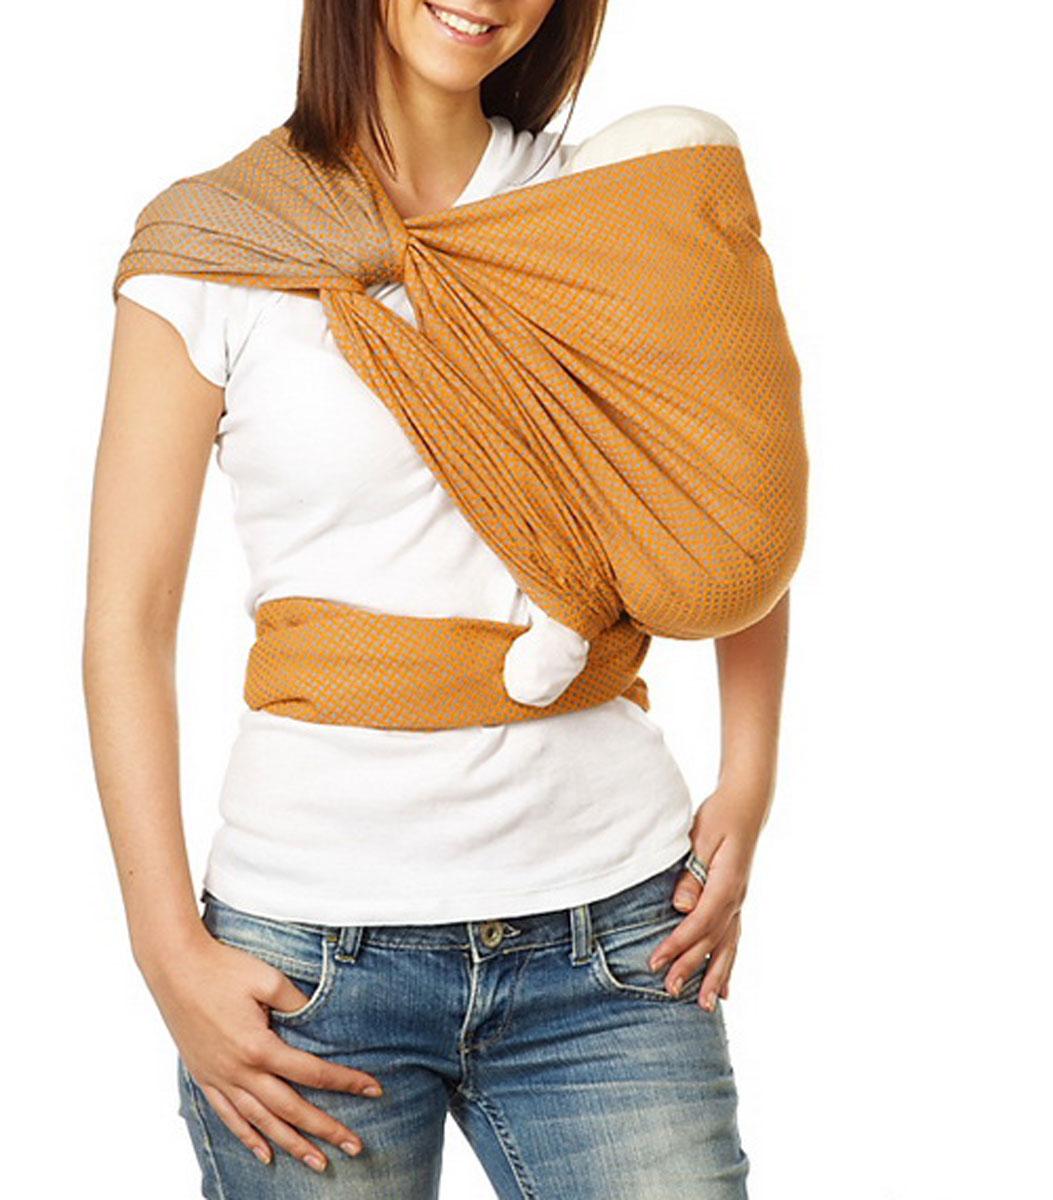 """Слинг-шарф Mum's Era """"Нордик"""", цвет: мандарин. Размер M 6698"""